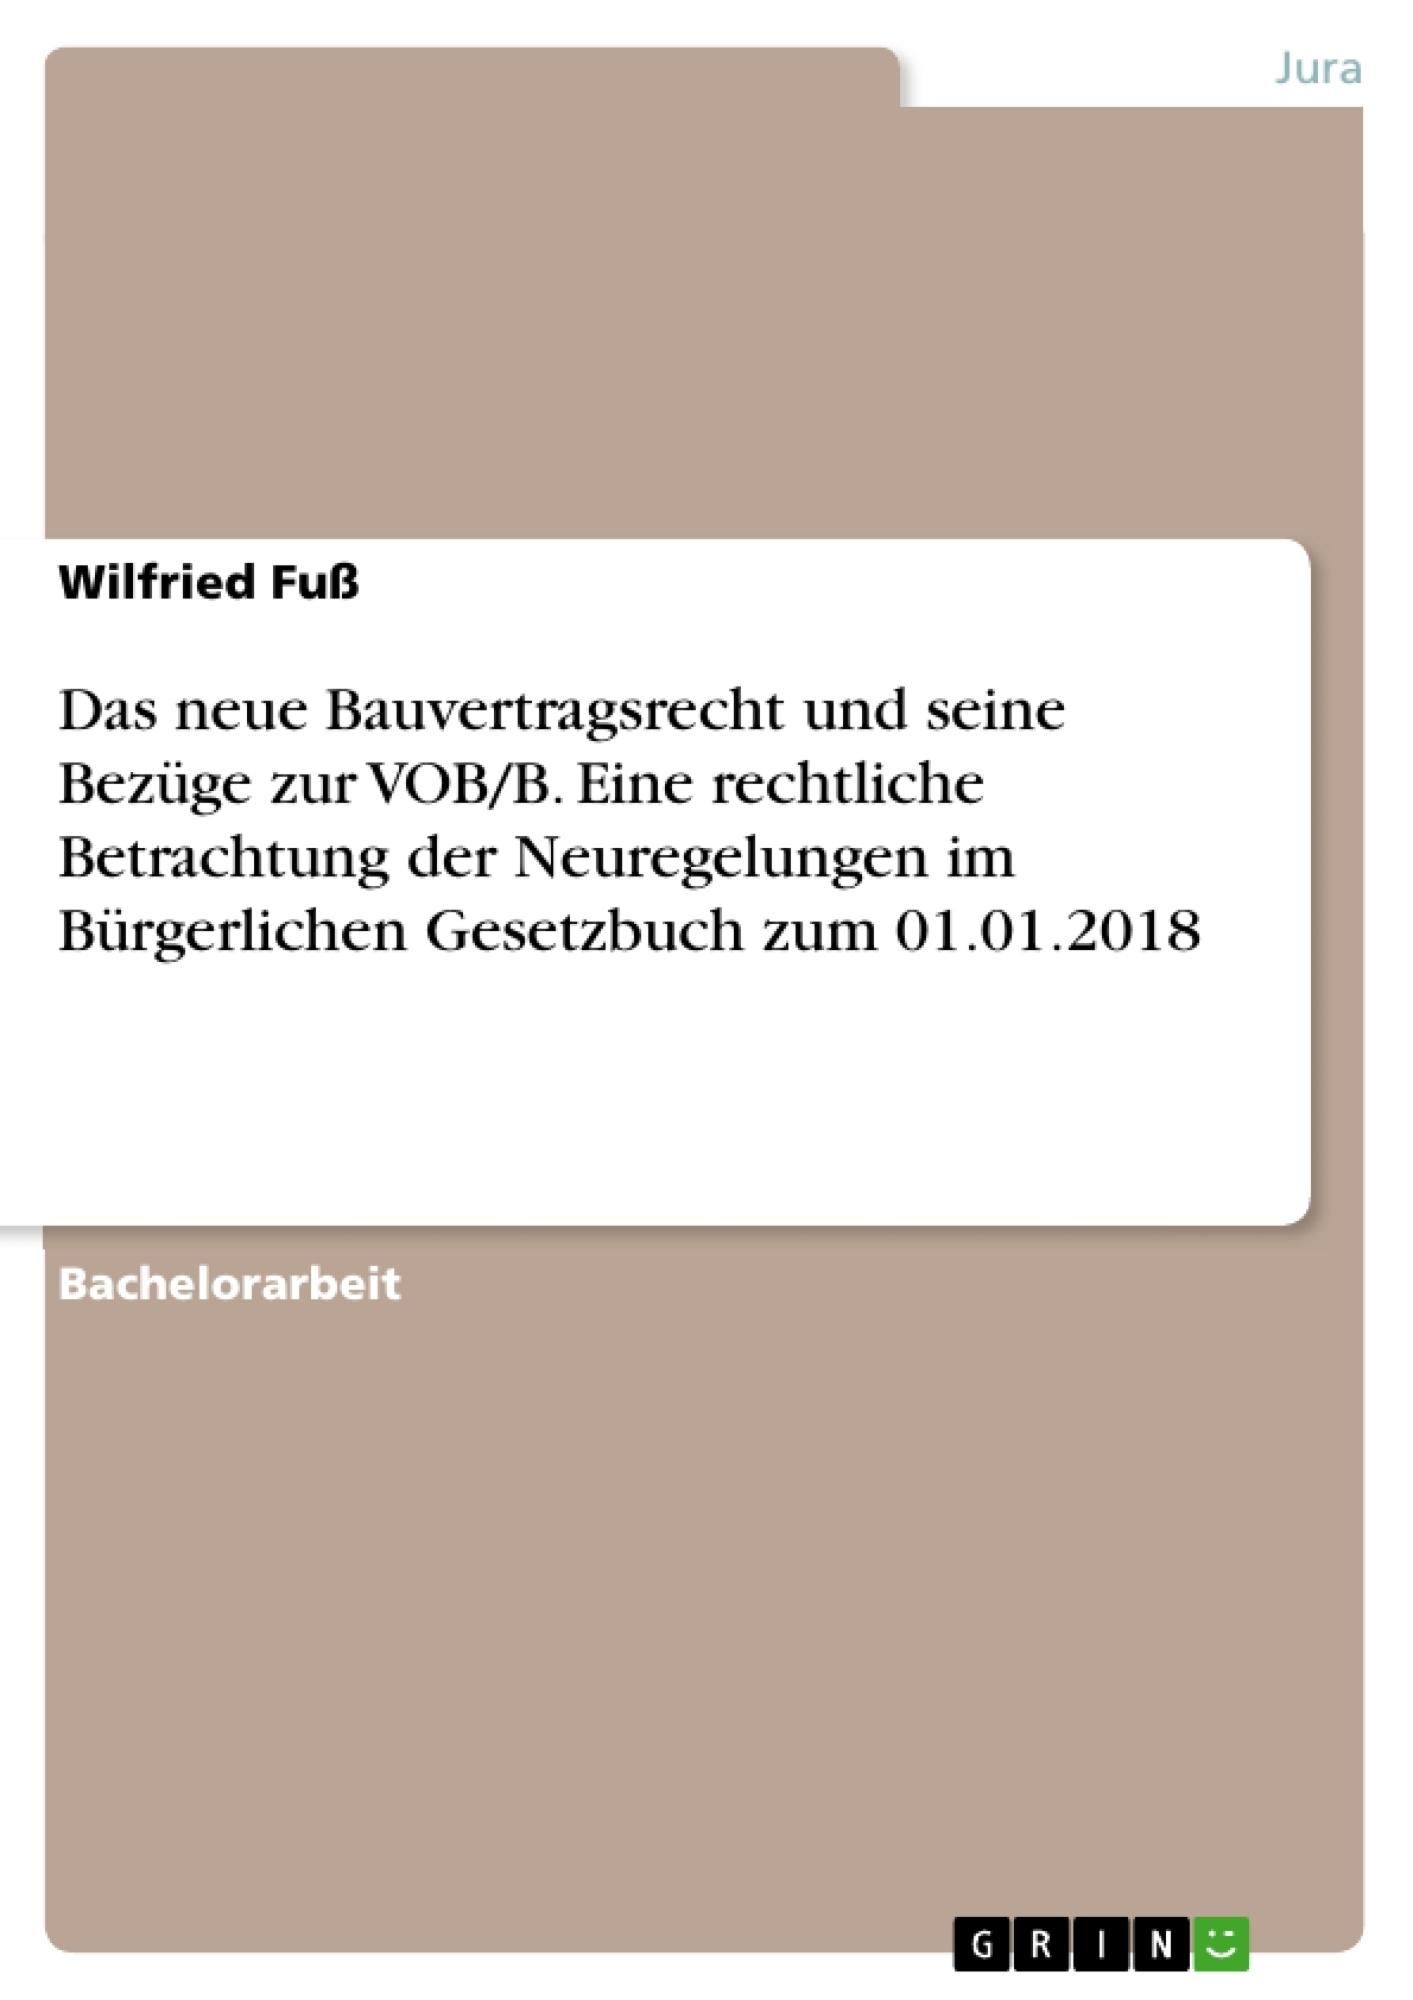 Titel: Das neue Bauvertragsrecht und seine Bezüge zur VOB/B. Eine rechtliche Betrachtung der Neuregelungen im Bürgerlichen Gesetzbuch zum 01.01.2018